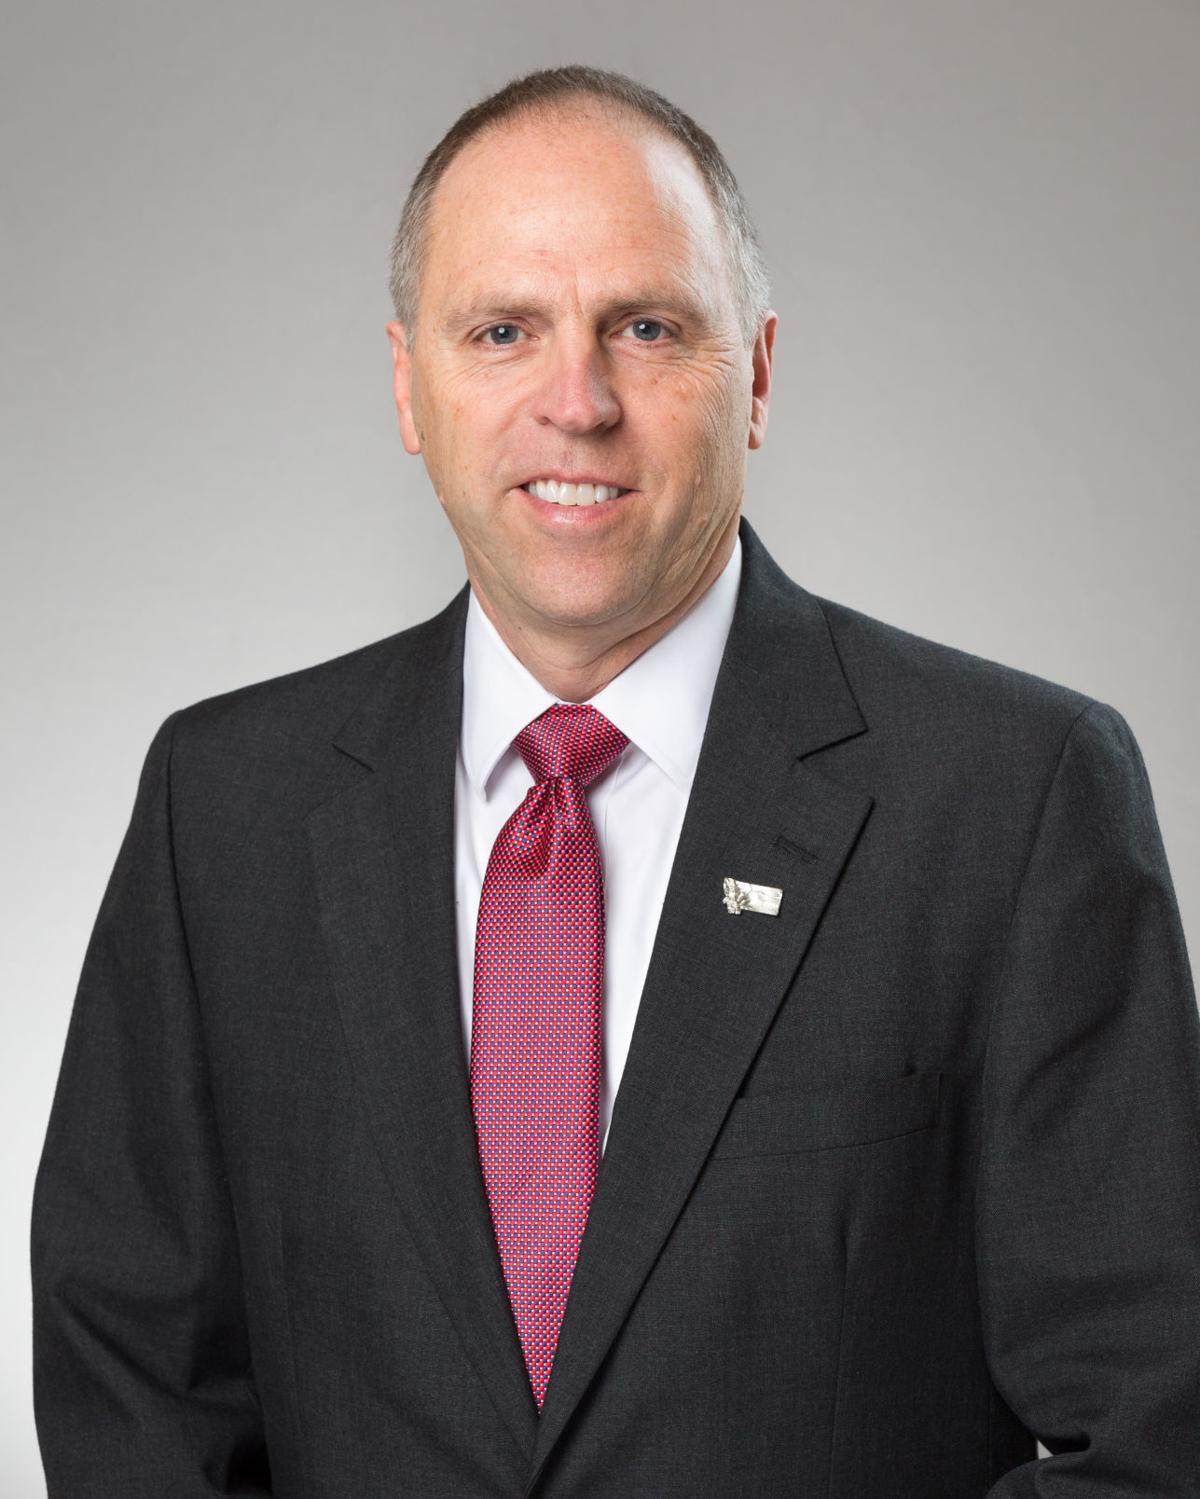 Greg Hertz, Speaker of the House, R-Polson HD 12